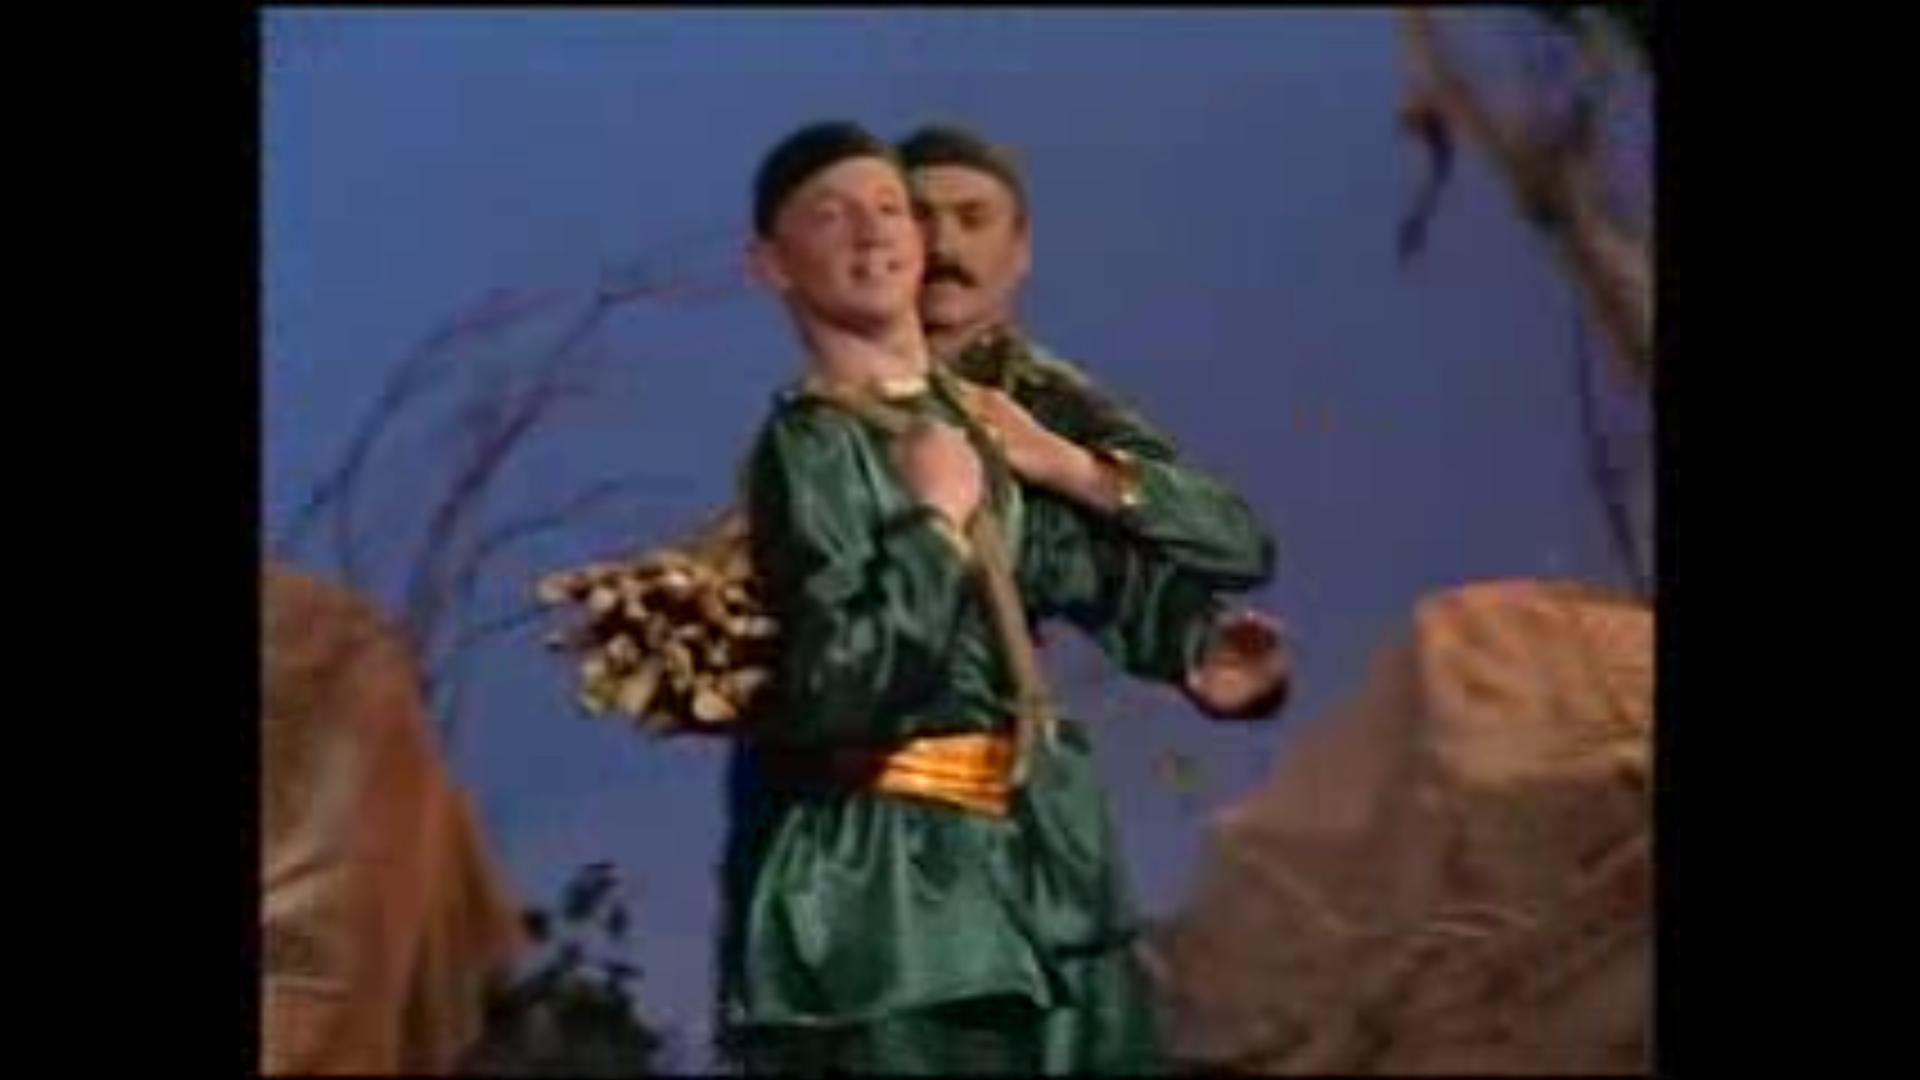 رقص آذری شالاخو-آموزش رقص آذری تهران 09141025954 سعید عبدی